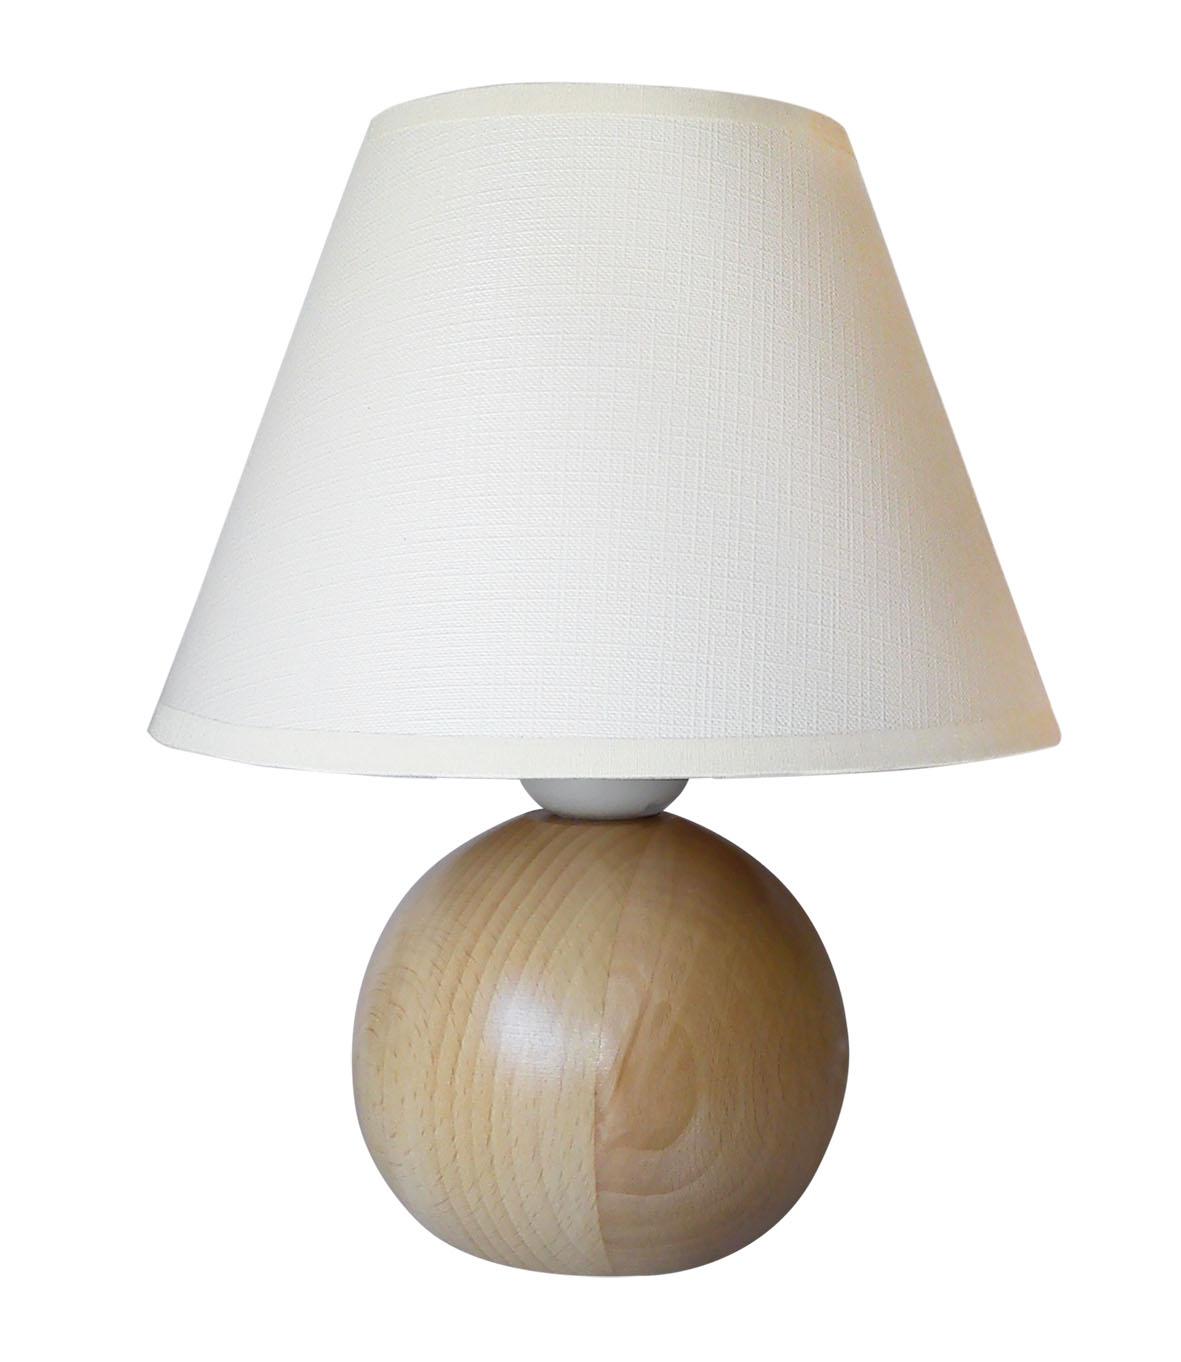 Stolná lampa Sandria drevo-guľa svetlé drevo